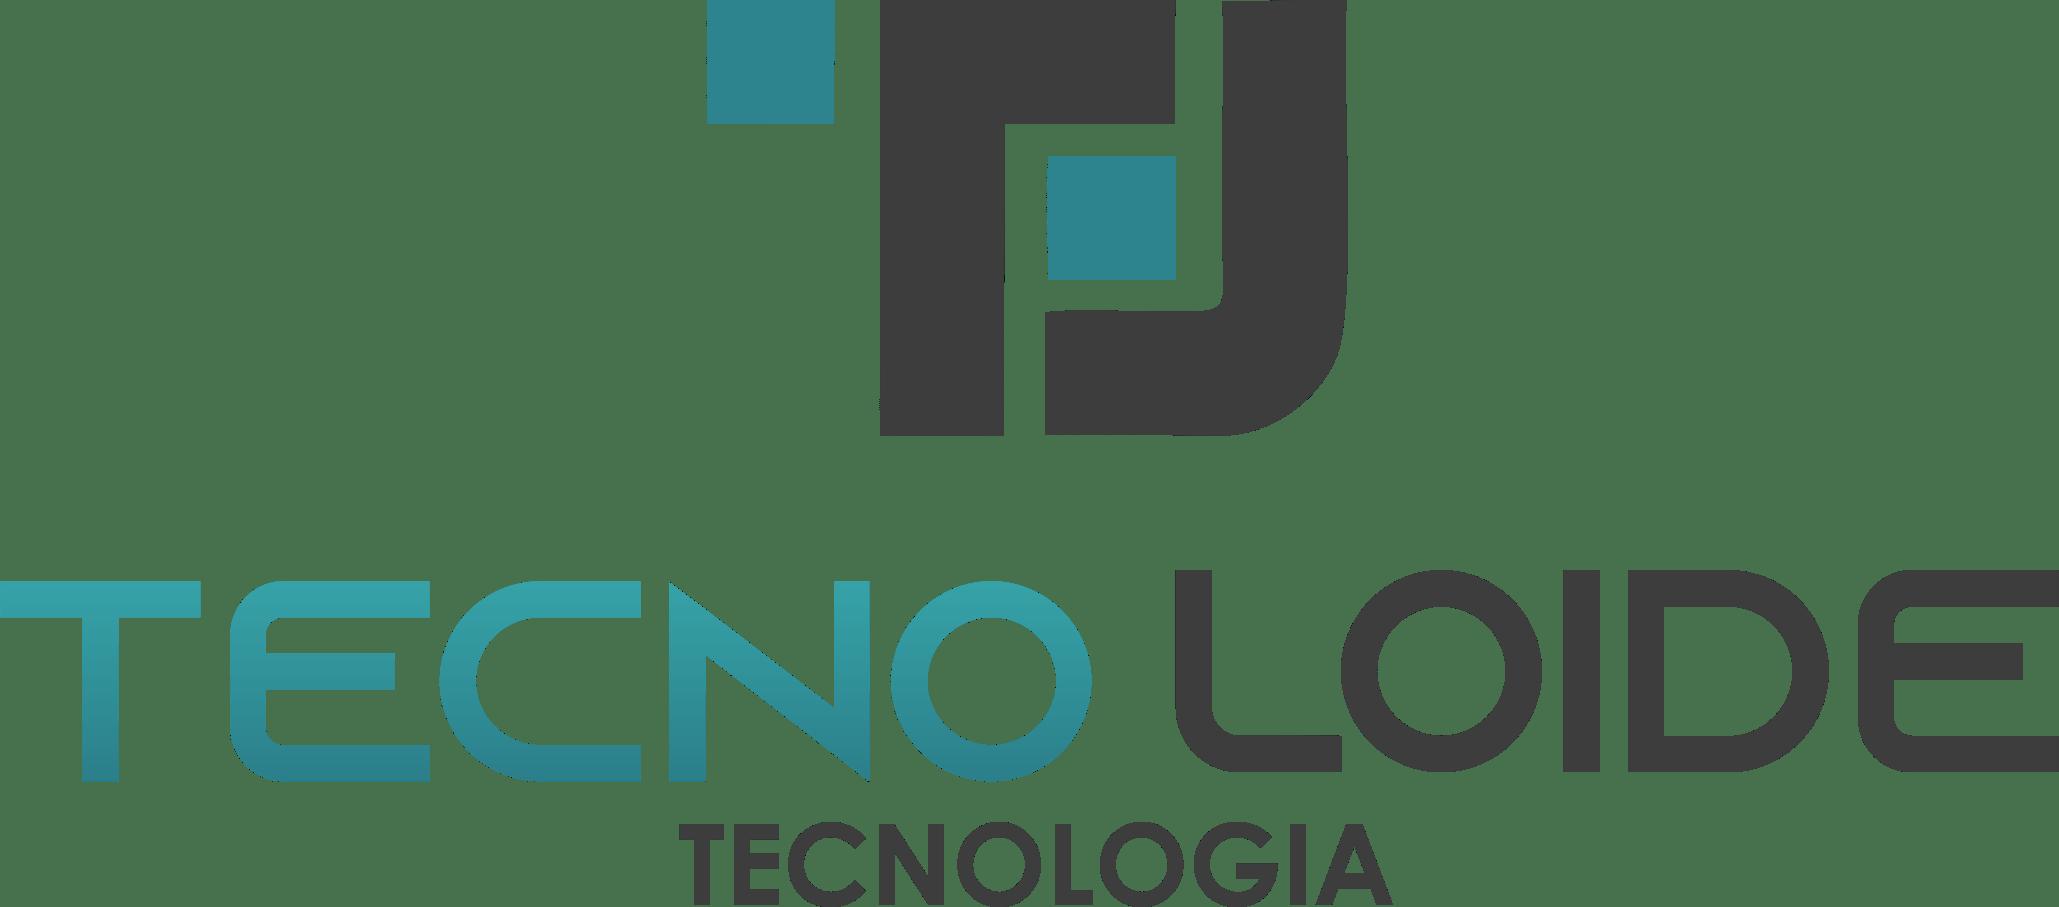 TecnoLoide Tecnologia Logo